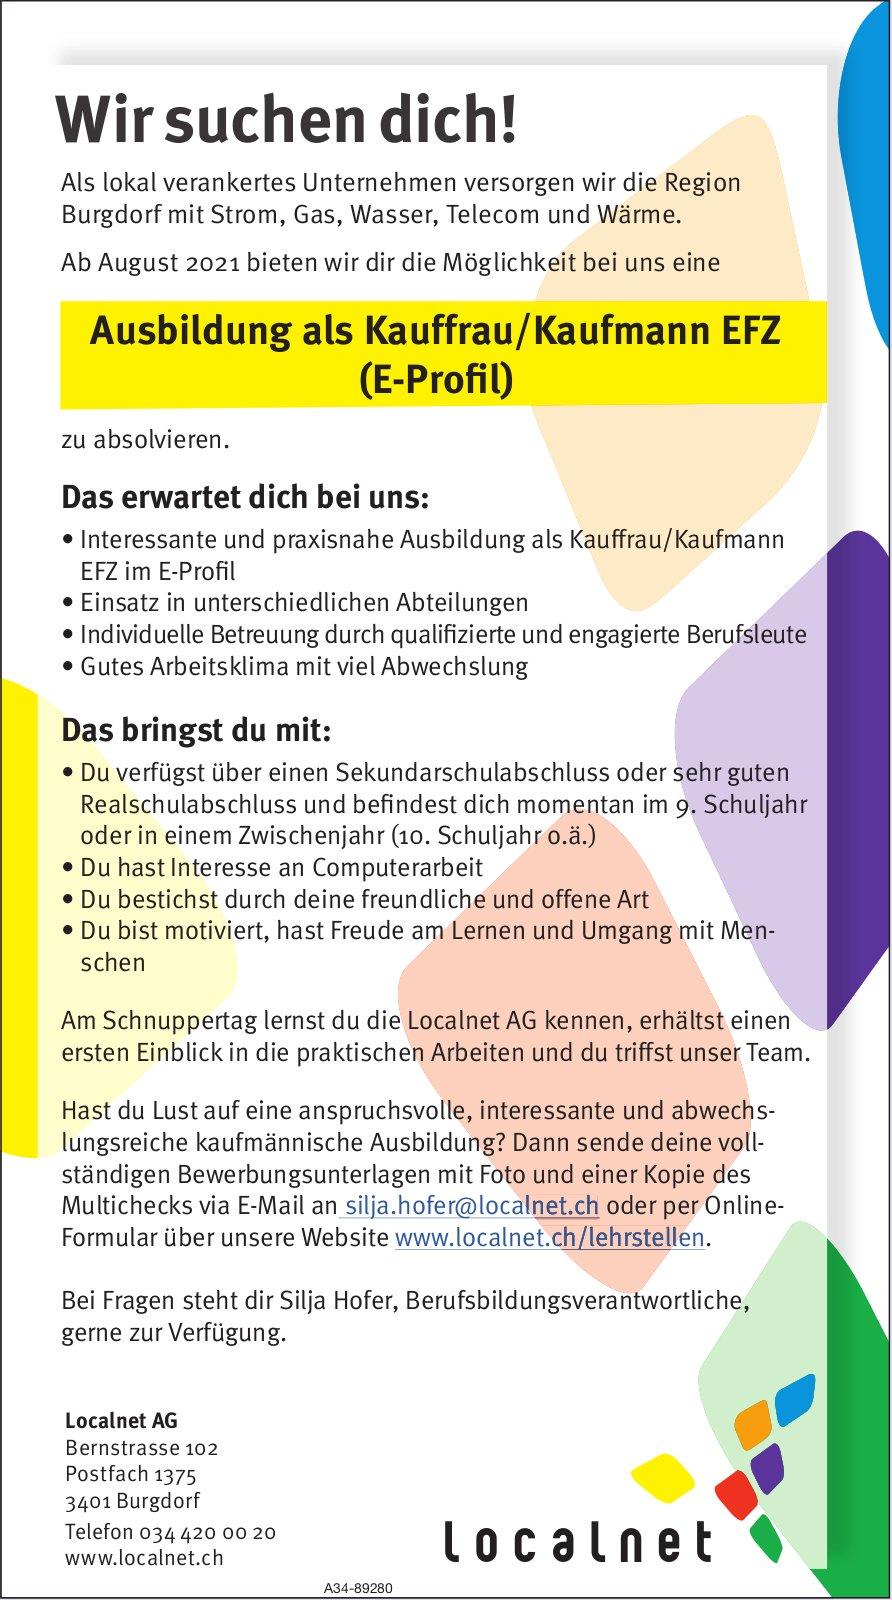 Wir suchen dich!, Ausbildung als Kauffrau/Kaufmann EFZ (E-Profil) Localnet AG, Burgdorf